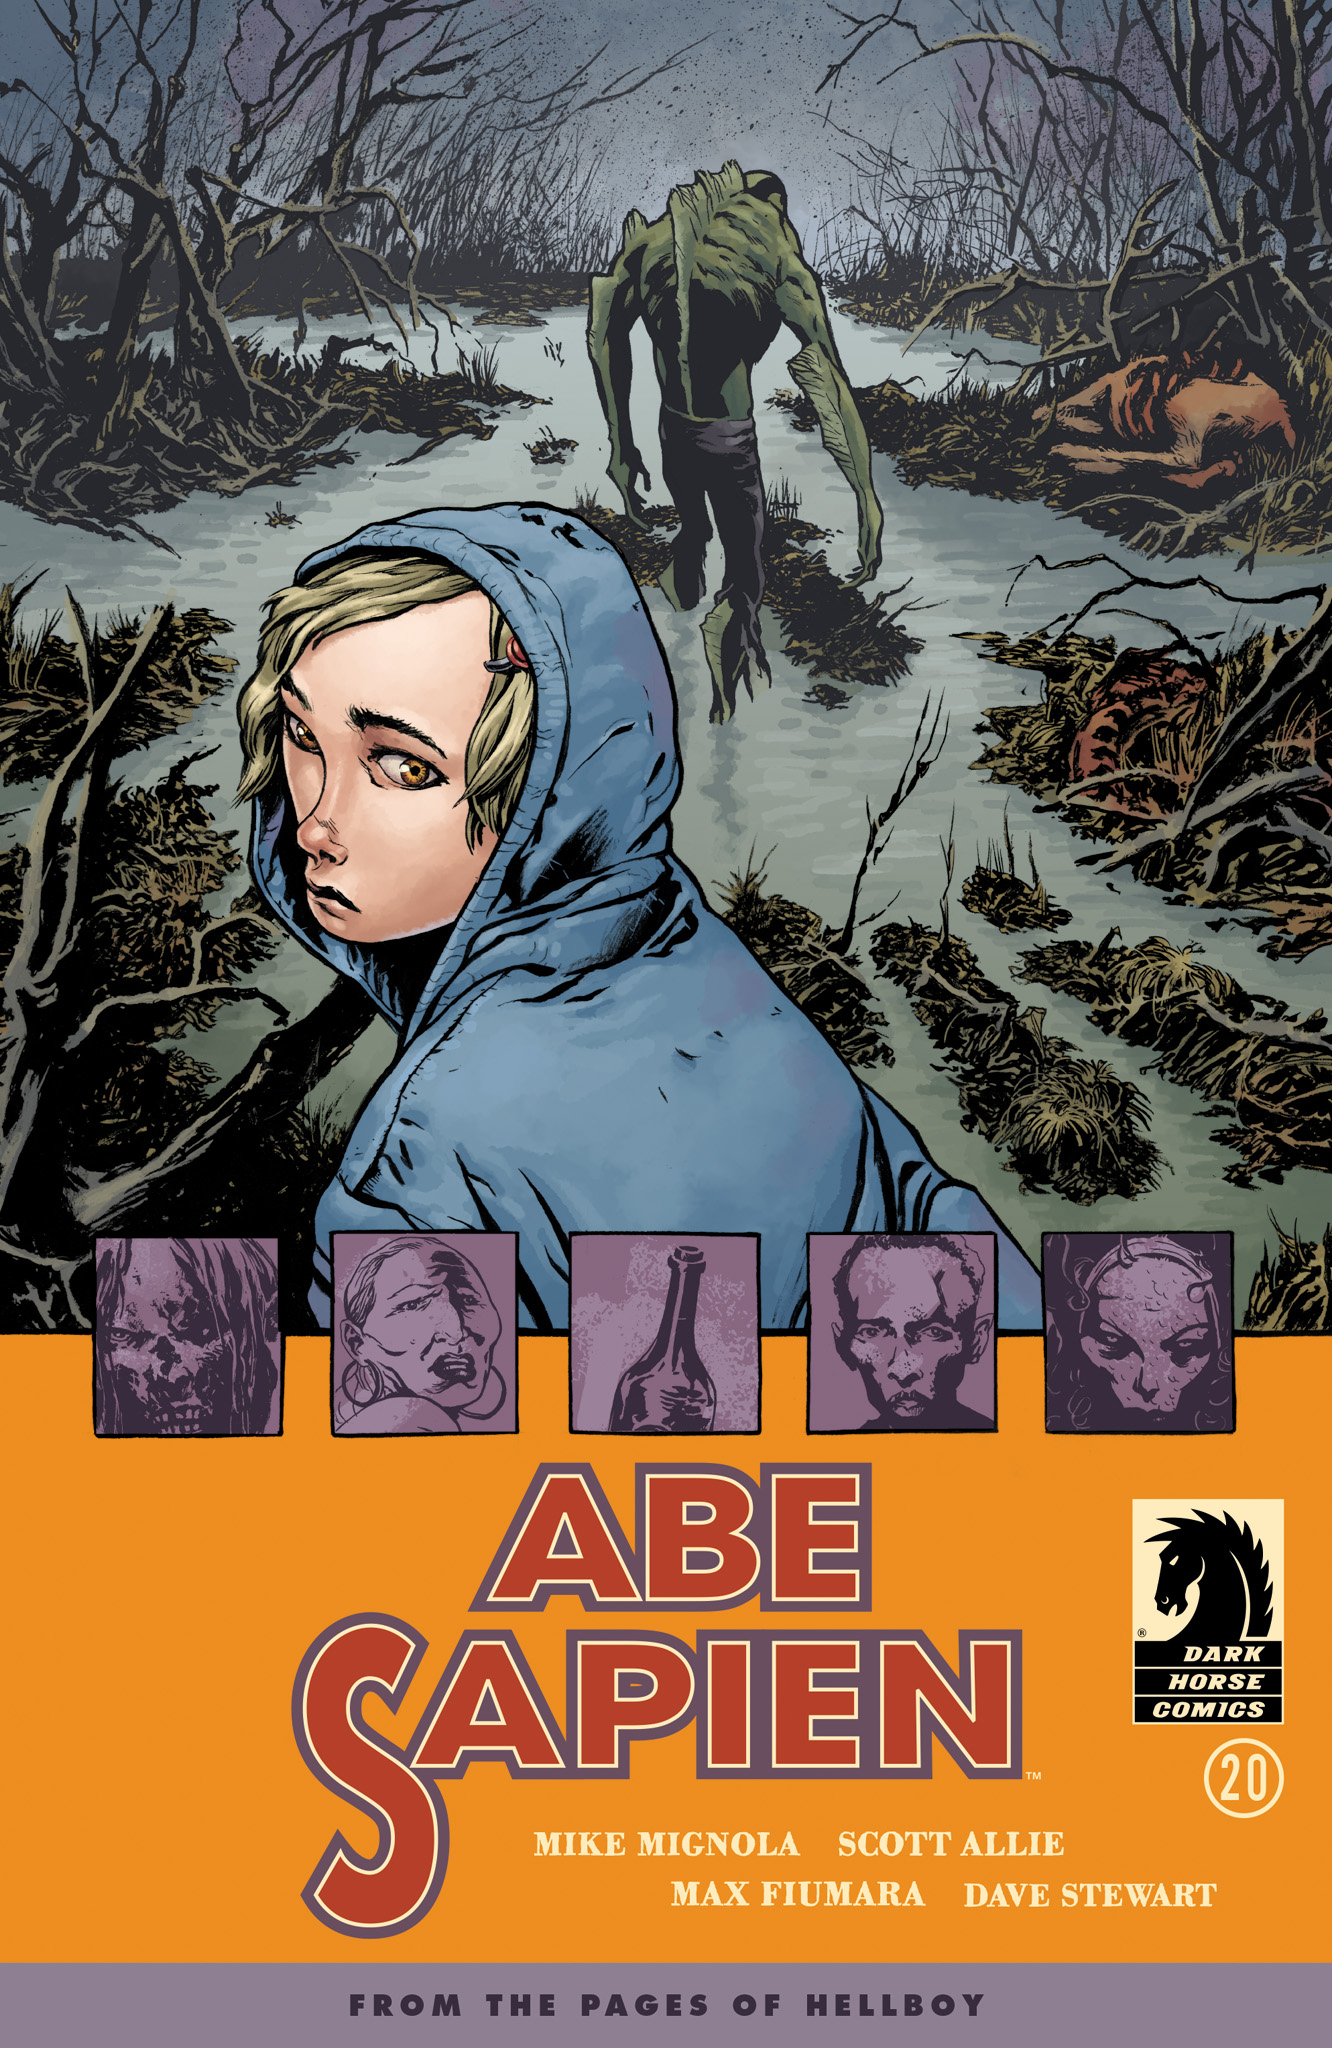 Read online Abe Sapien comic -  Issue #20 - 1